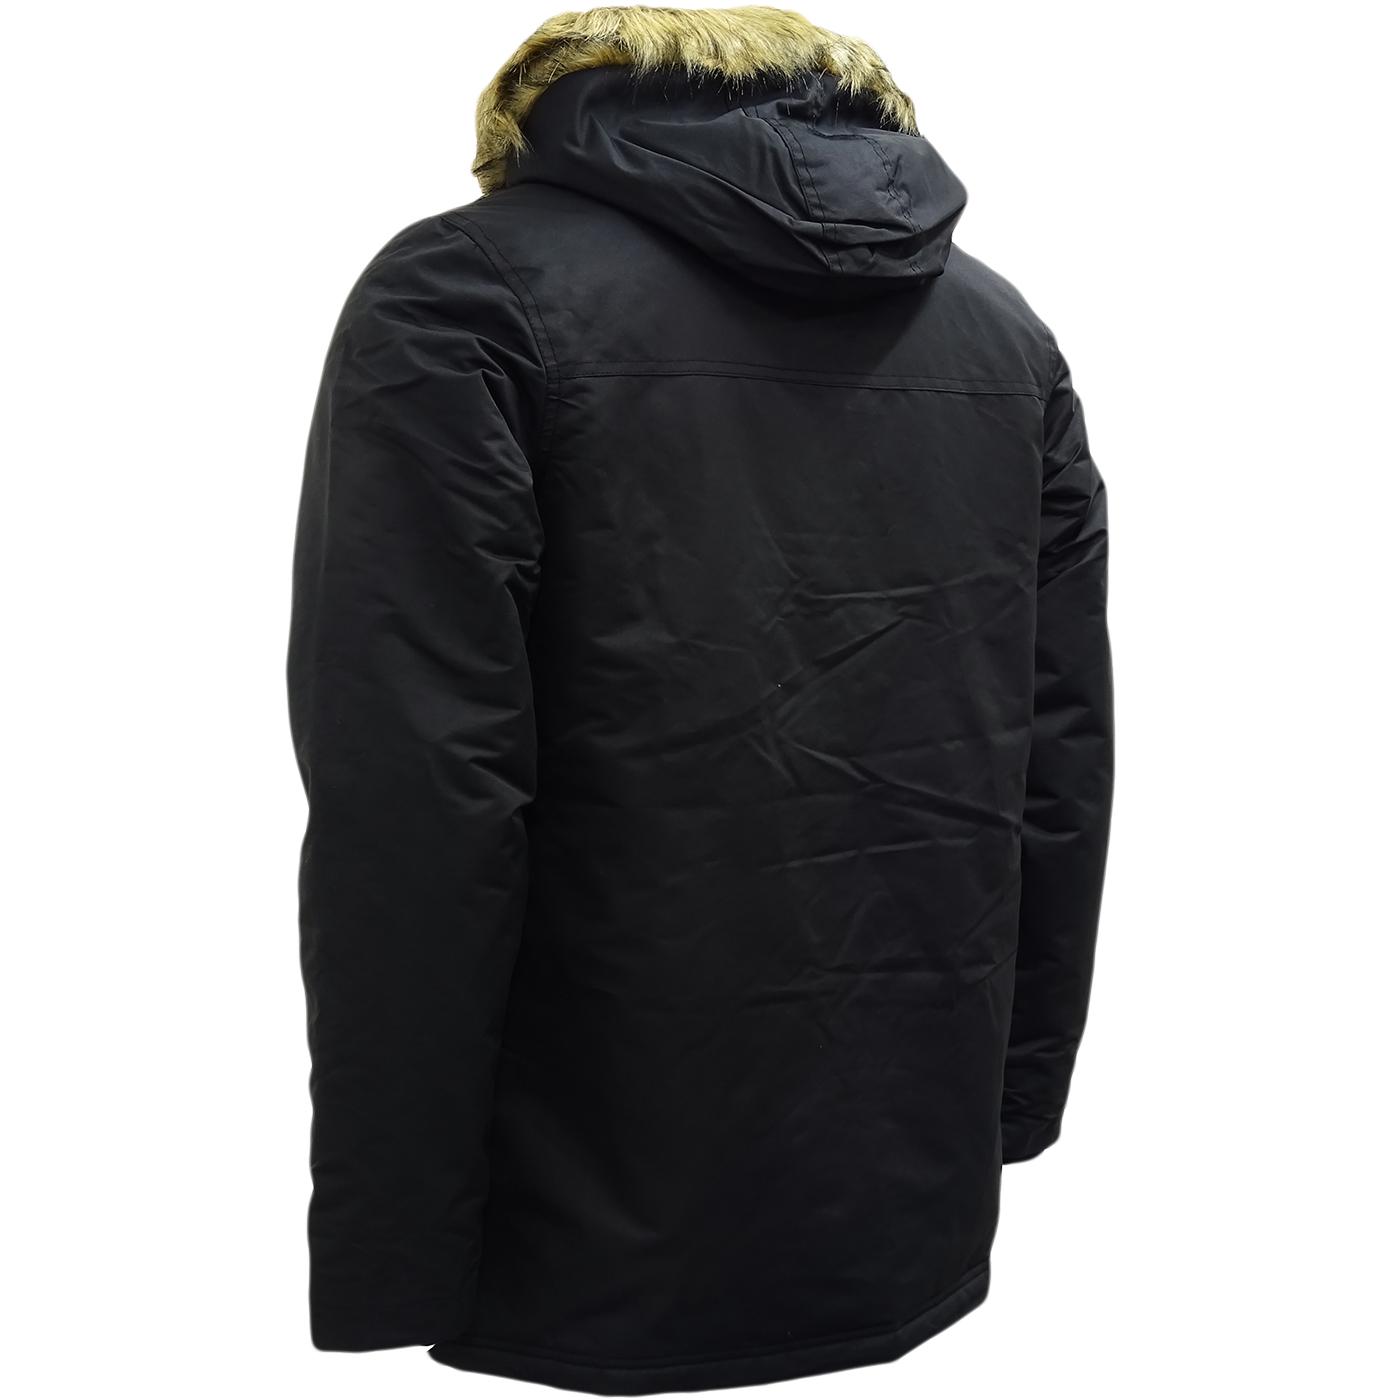 Hype Black Parka Jacket - Winter Outwear Coat   Daily